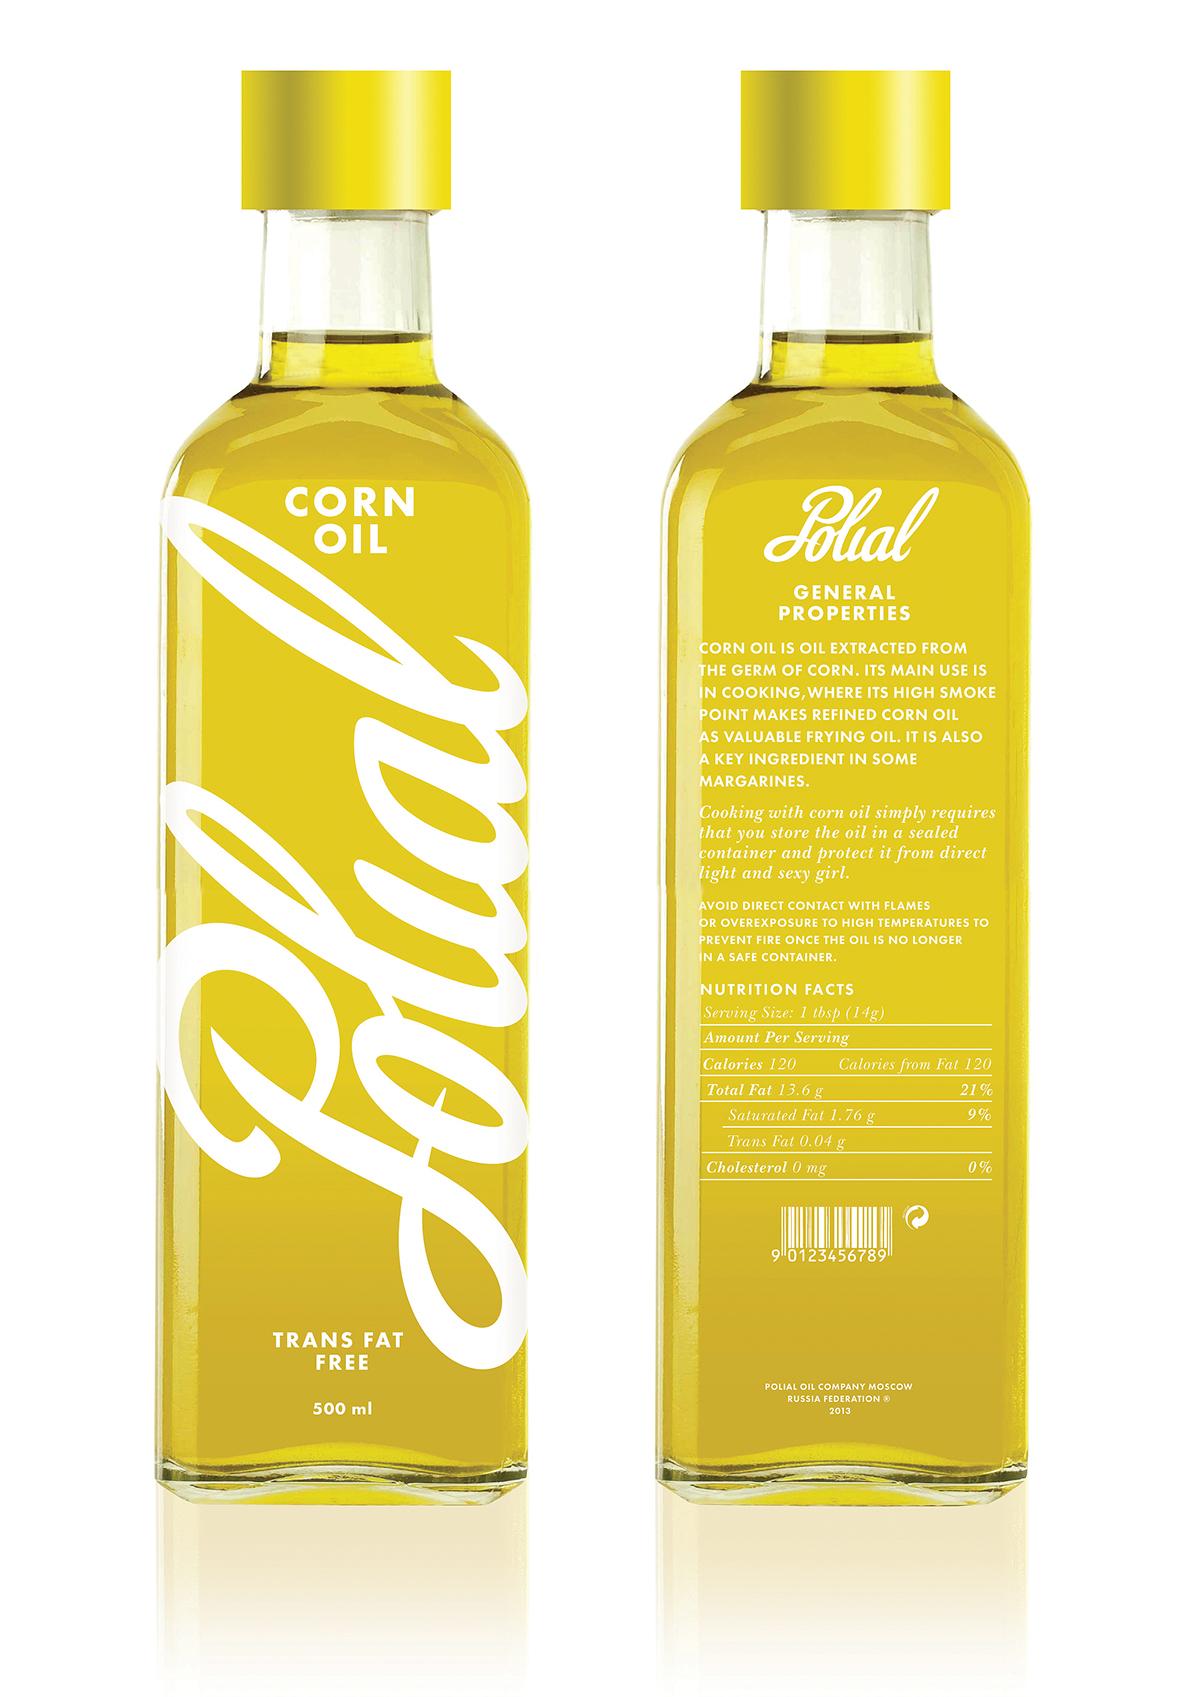 Polial (corn oil) on Behance